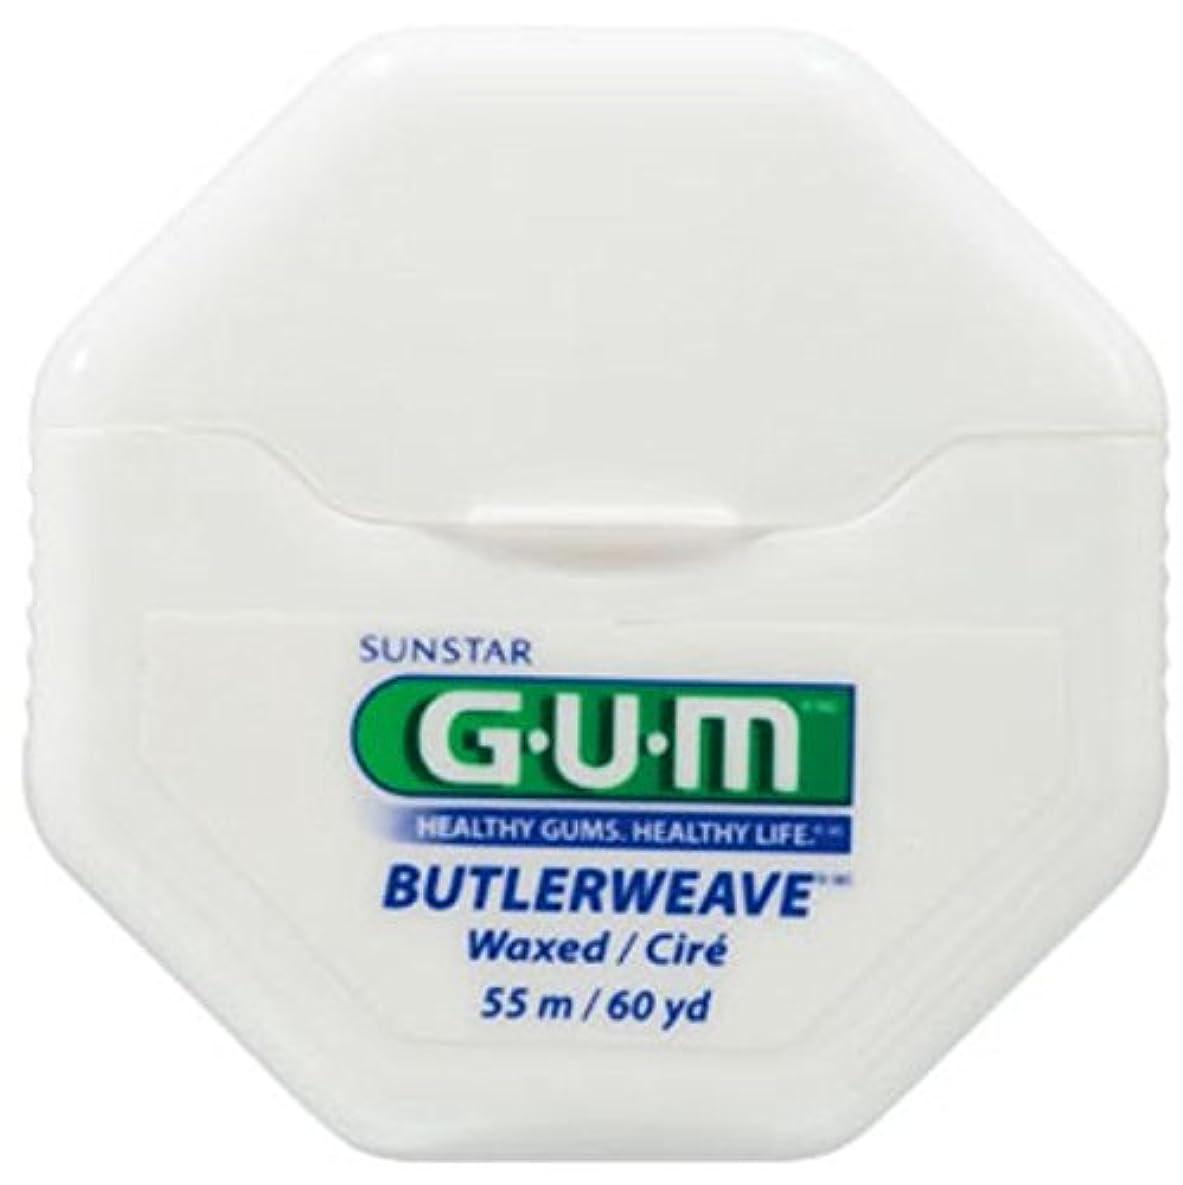 すずめリットル防腐剤SUNSTAR GUM ガム バトラー ウィーブフロス 60ヤード(54.8m) ワックス付/ノンフレーバー